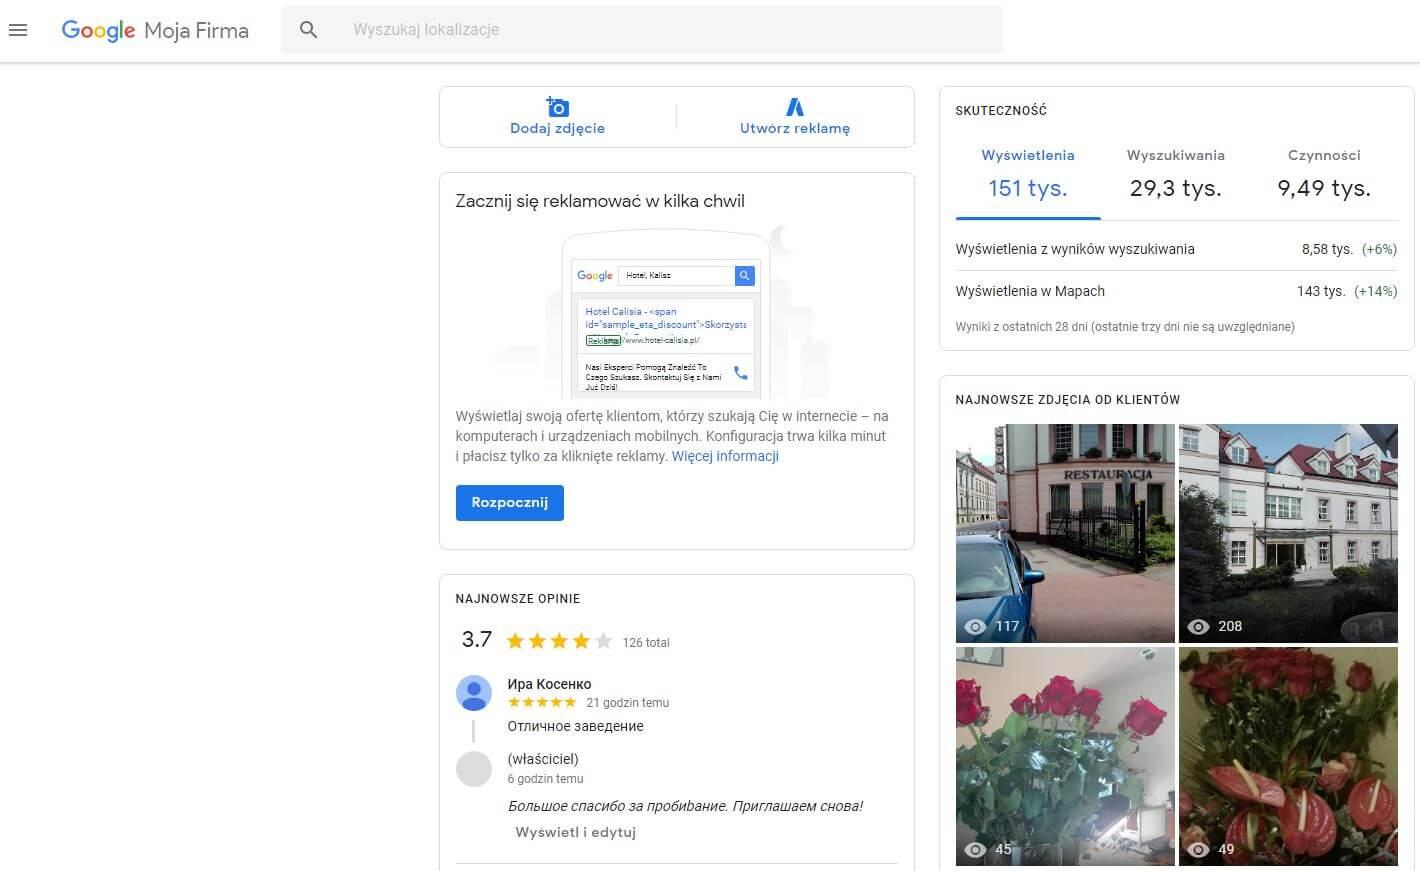 główny widok wizytówki Google